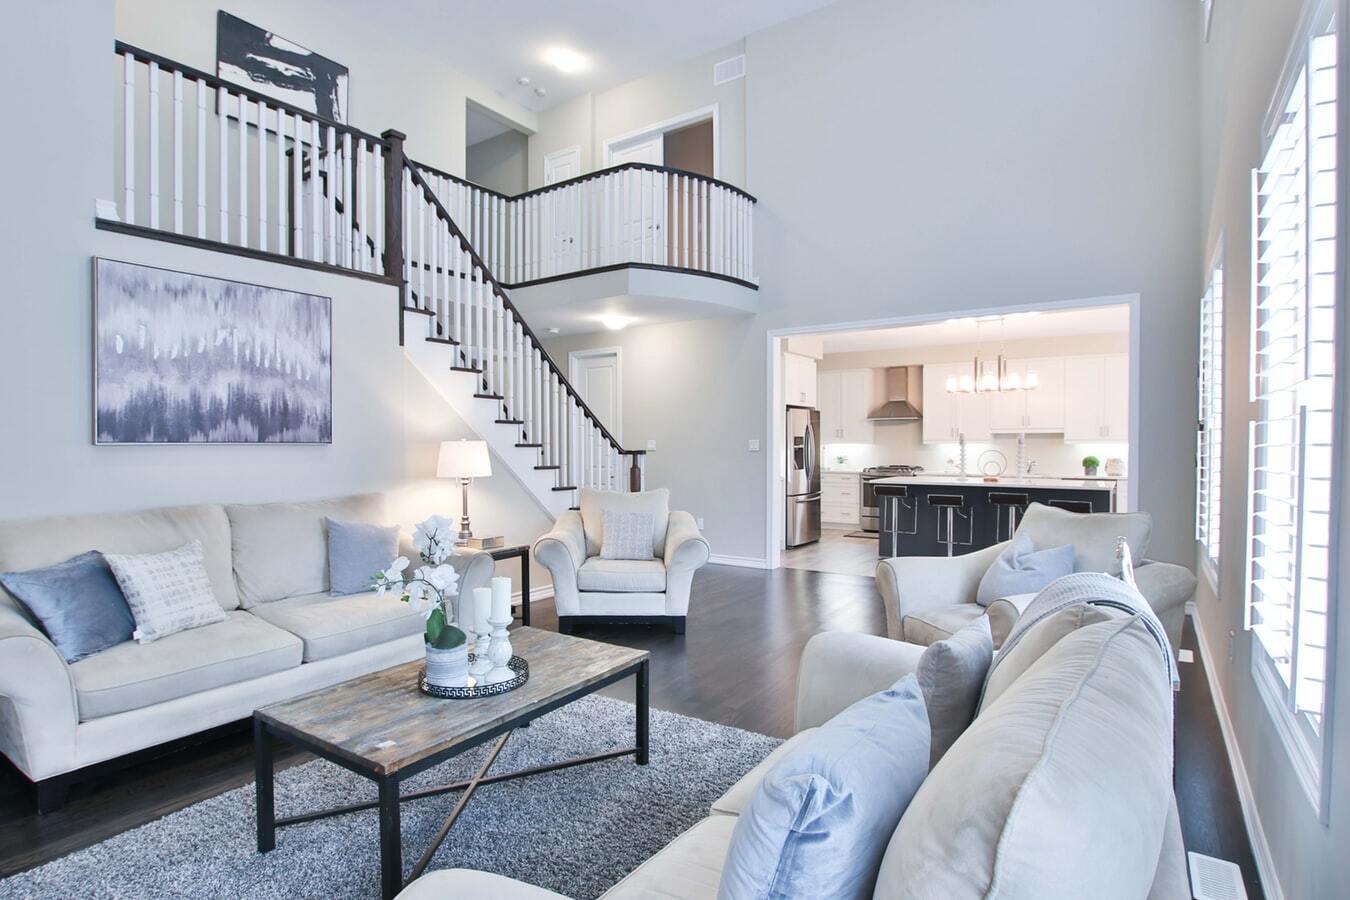 Comment réussir vos travaux de rénovation d'appartement ?